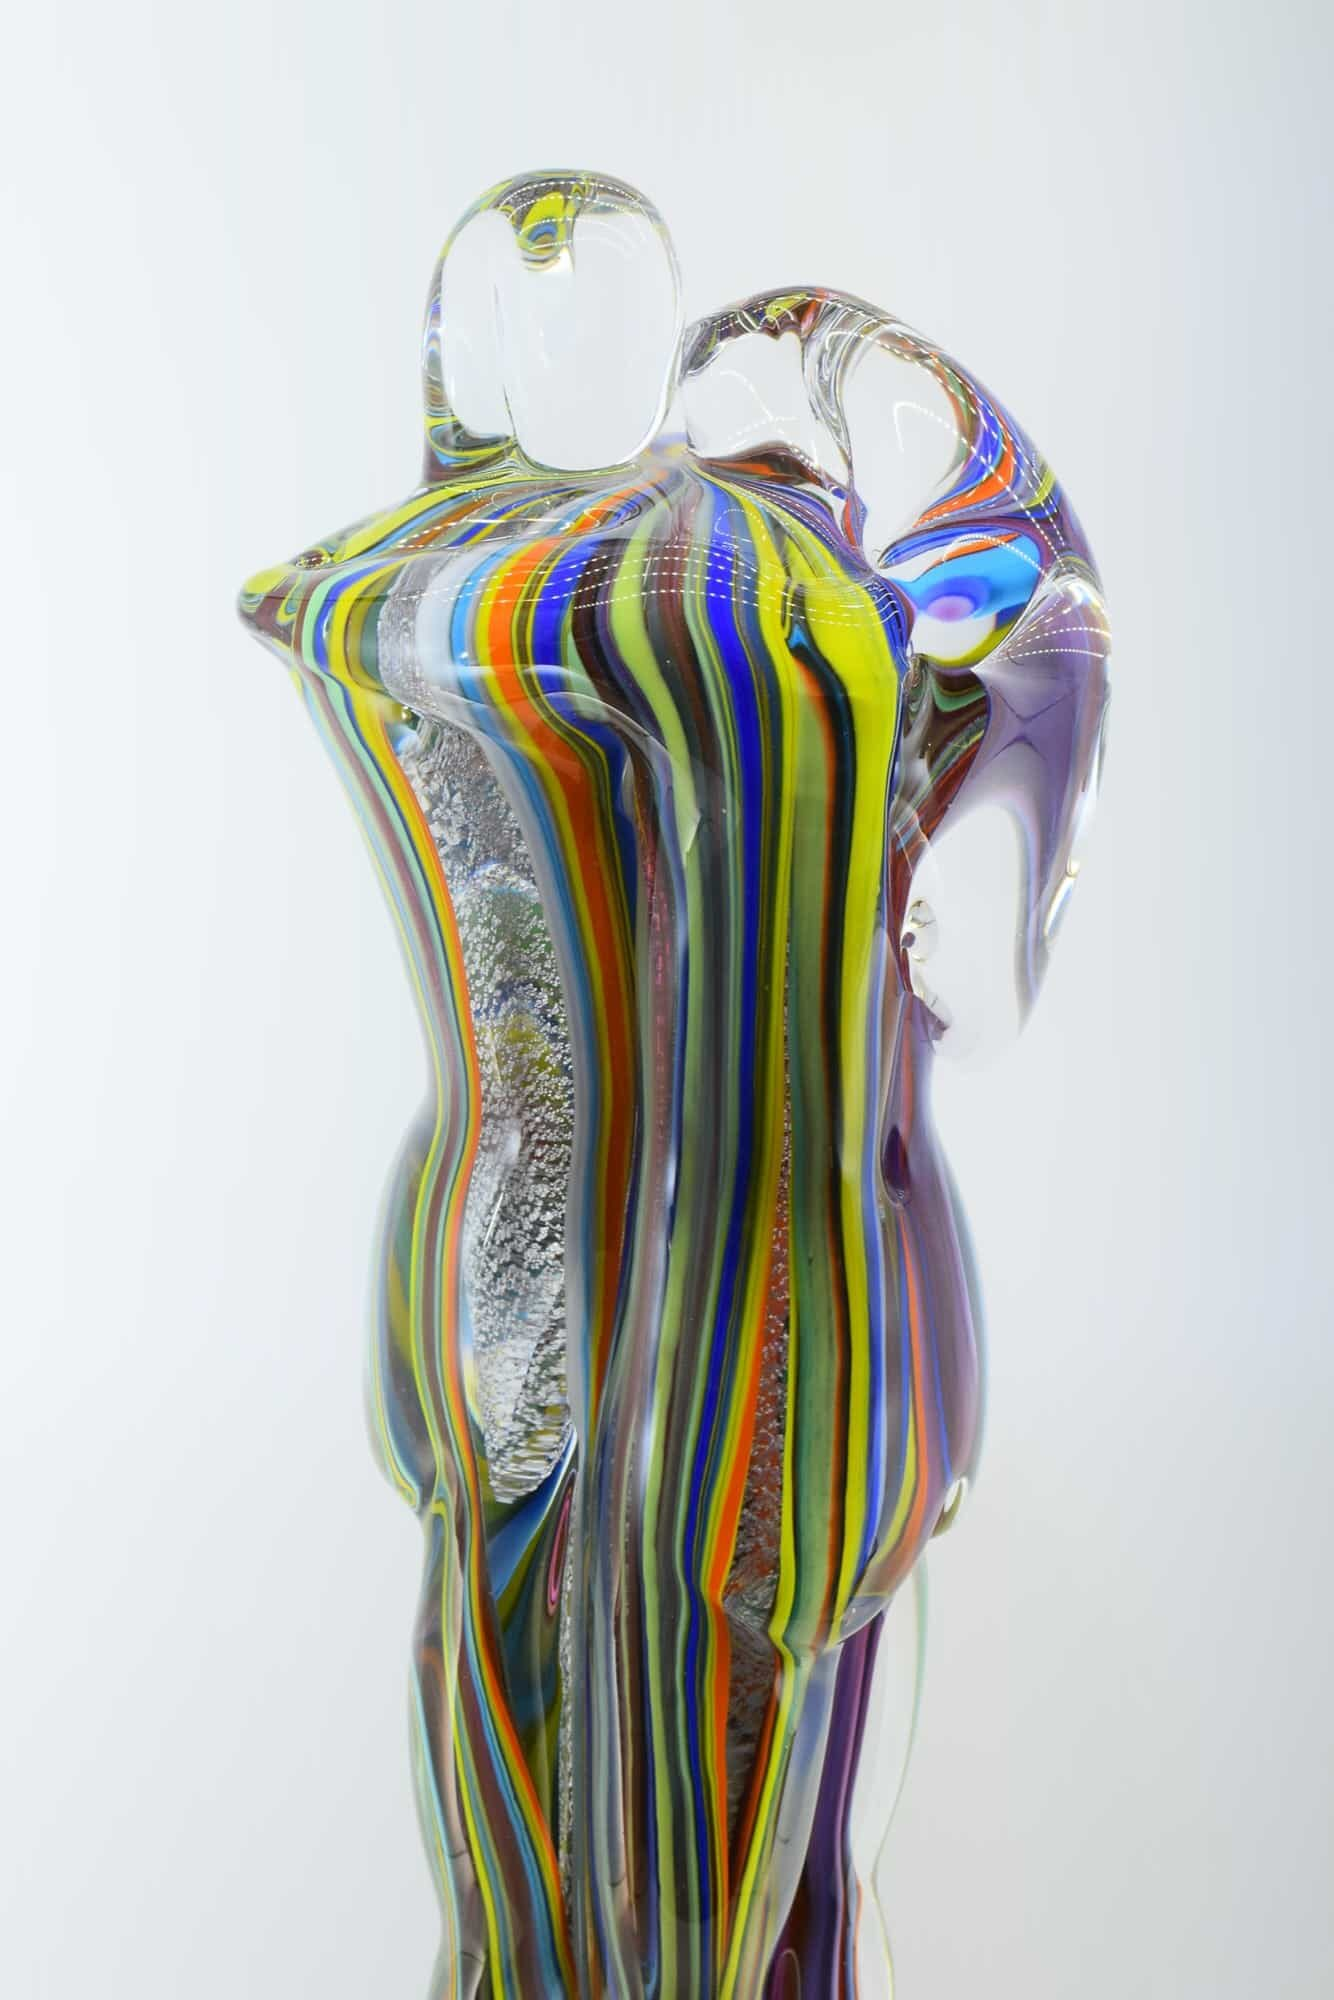 Murano Glass Lovers Sculpture - (Art. 10349)